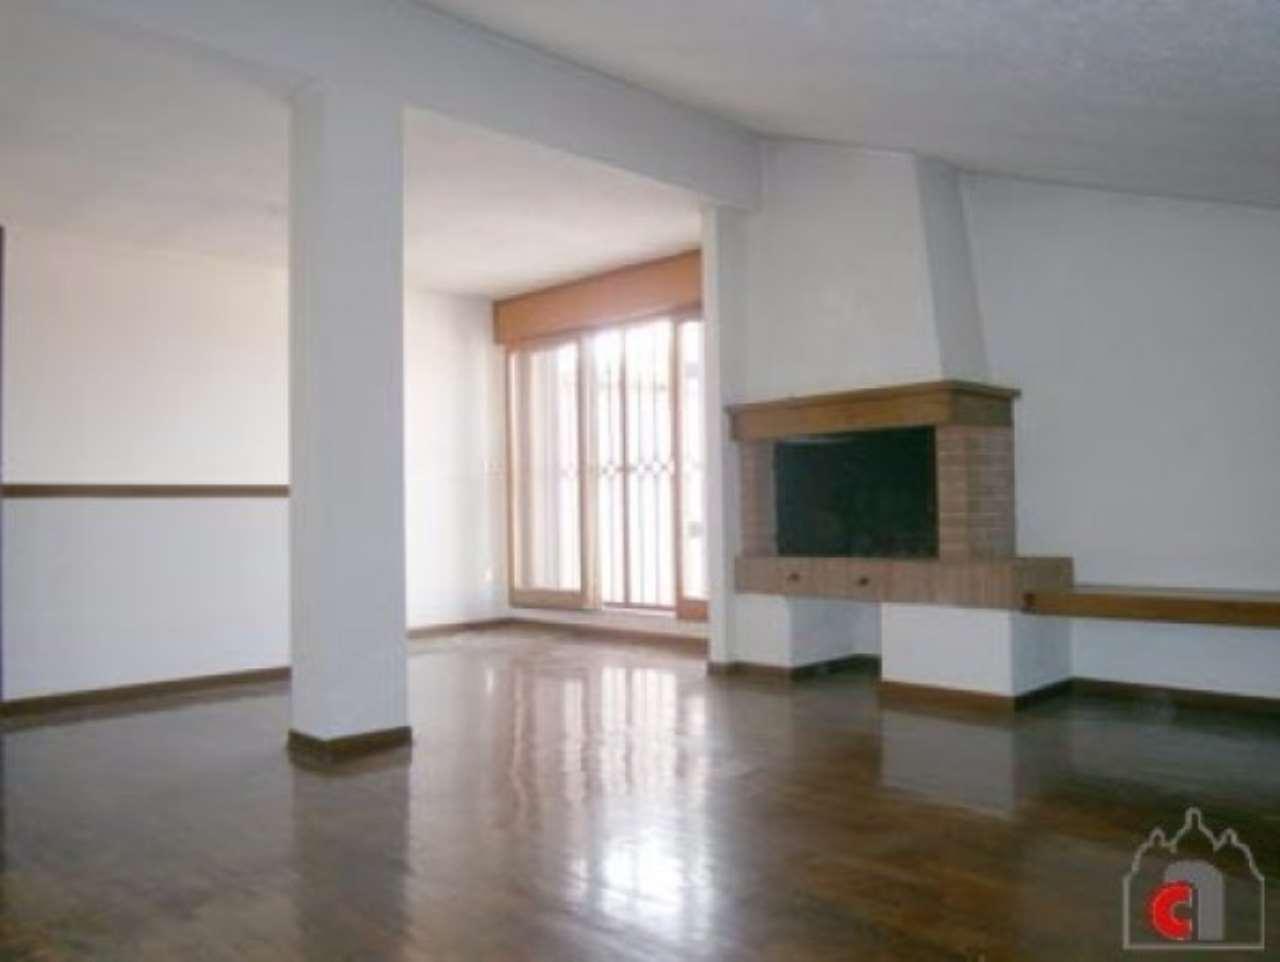 Appartamento in vendita a Padova, 6 locali, zona Zona: 6 . Ovest (Brentella-Valsugana), prezzo € 158.000 | Cambio Casa.it